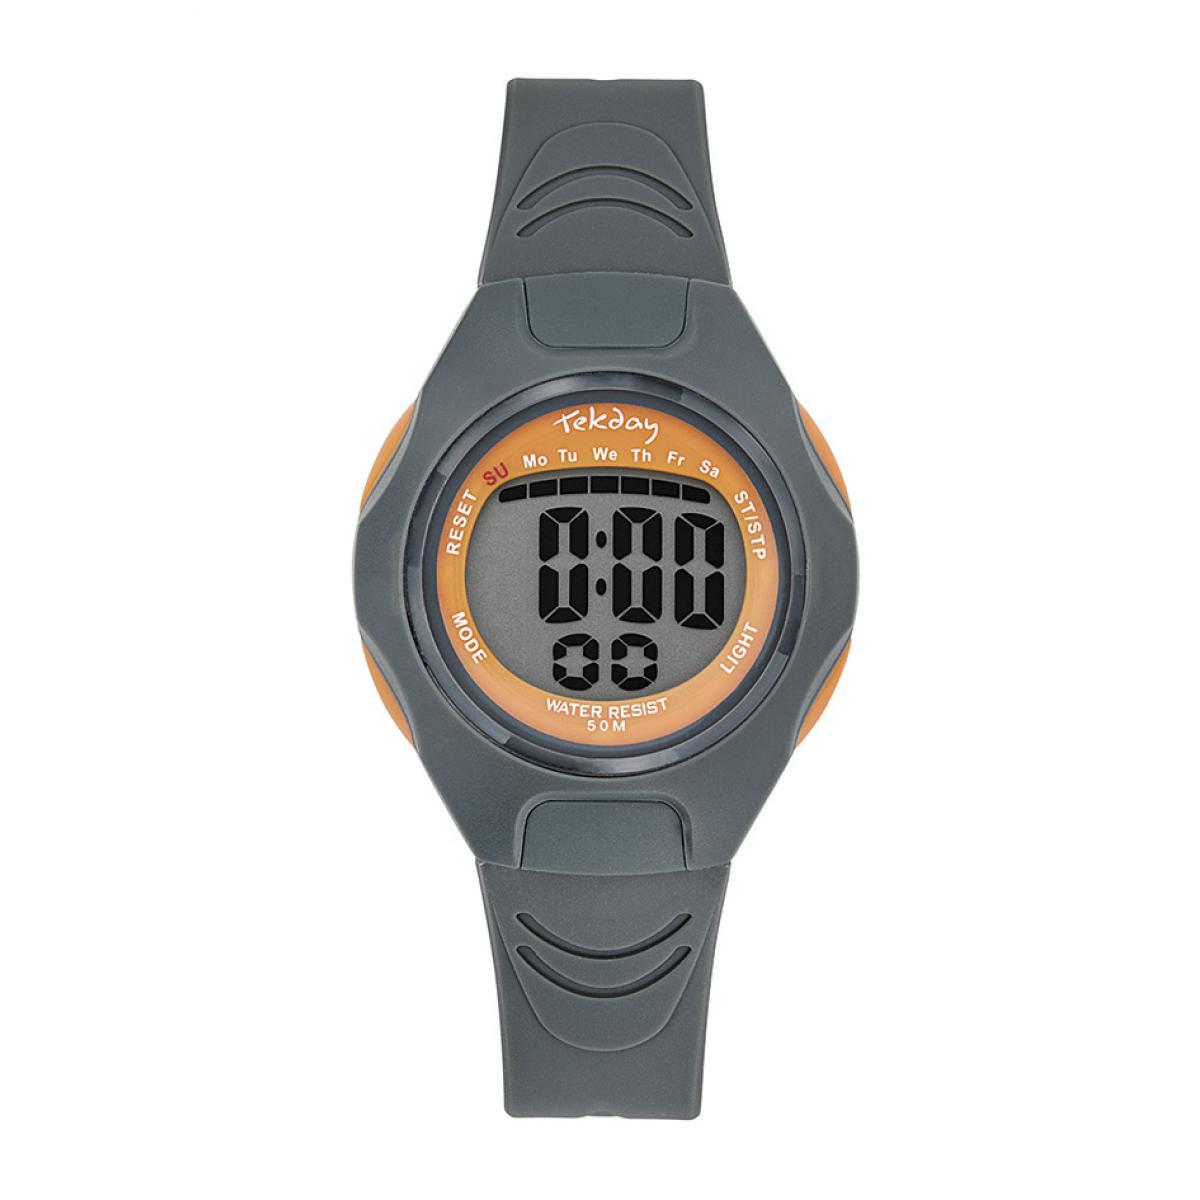 Montre 654665 - Bracelet Silicone Gris Boitier Silicone Gris - Tekday - Modalova